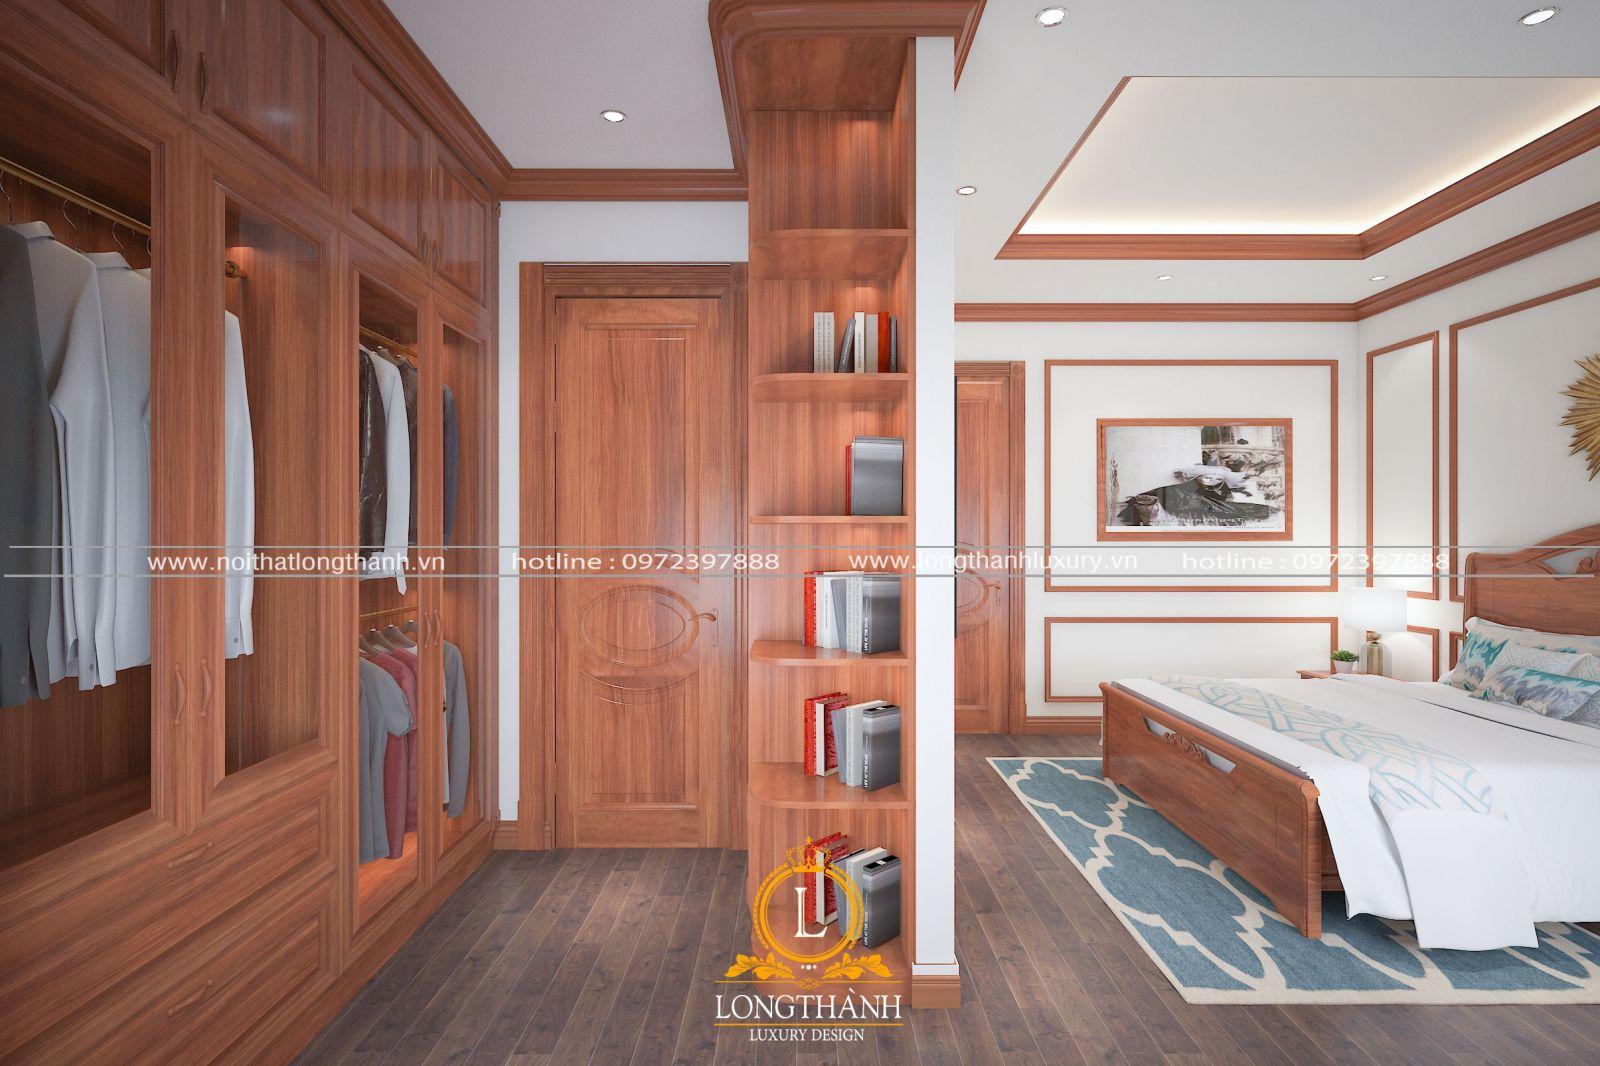 Phòng ngủ hiện đại tách biệt giường ngủ và phòng thay đồ